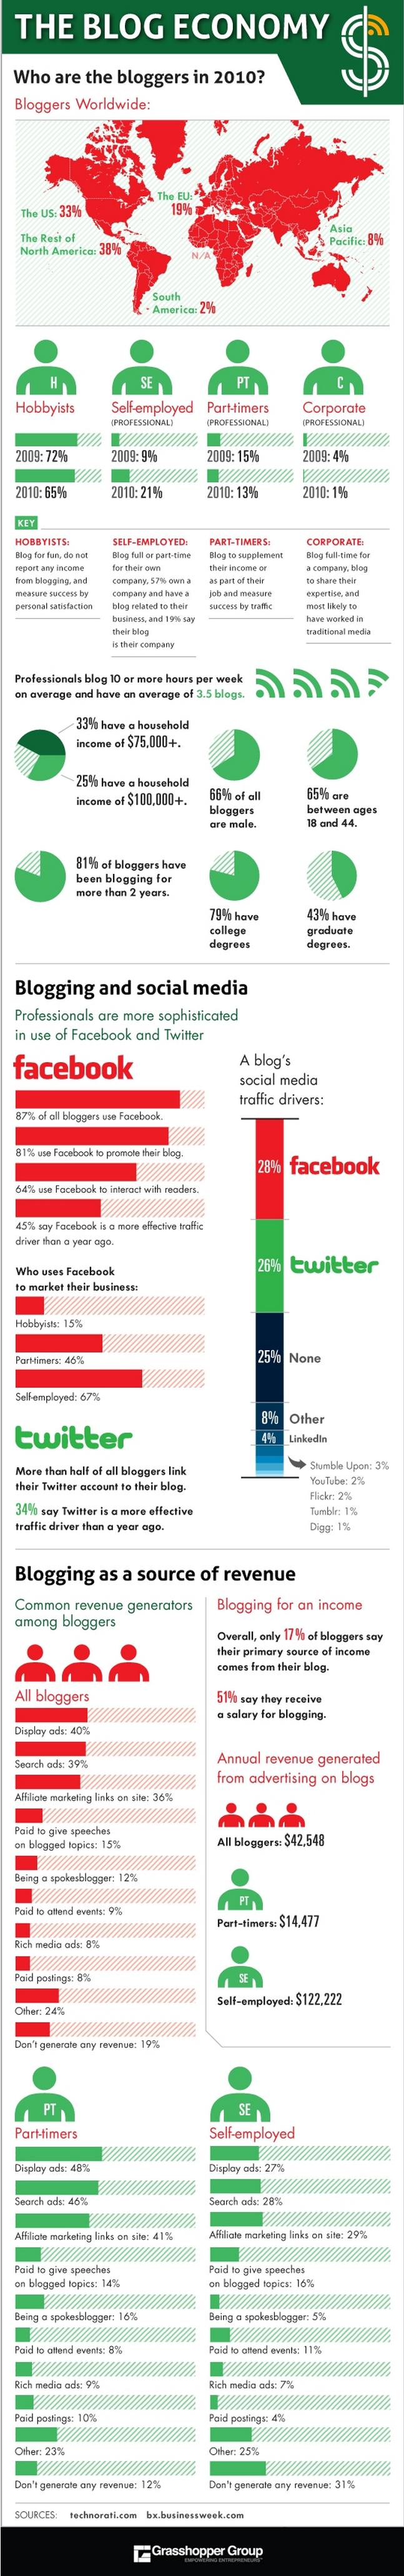 Infographic Blogging Economy